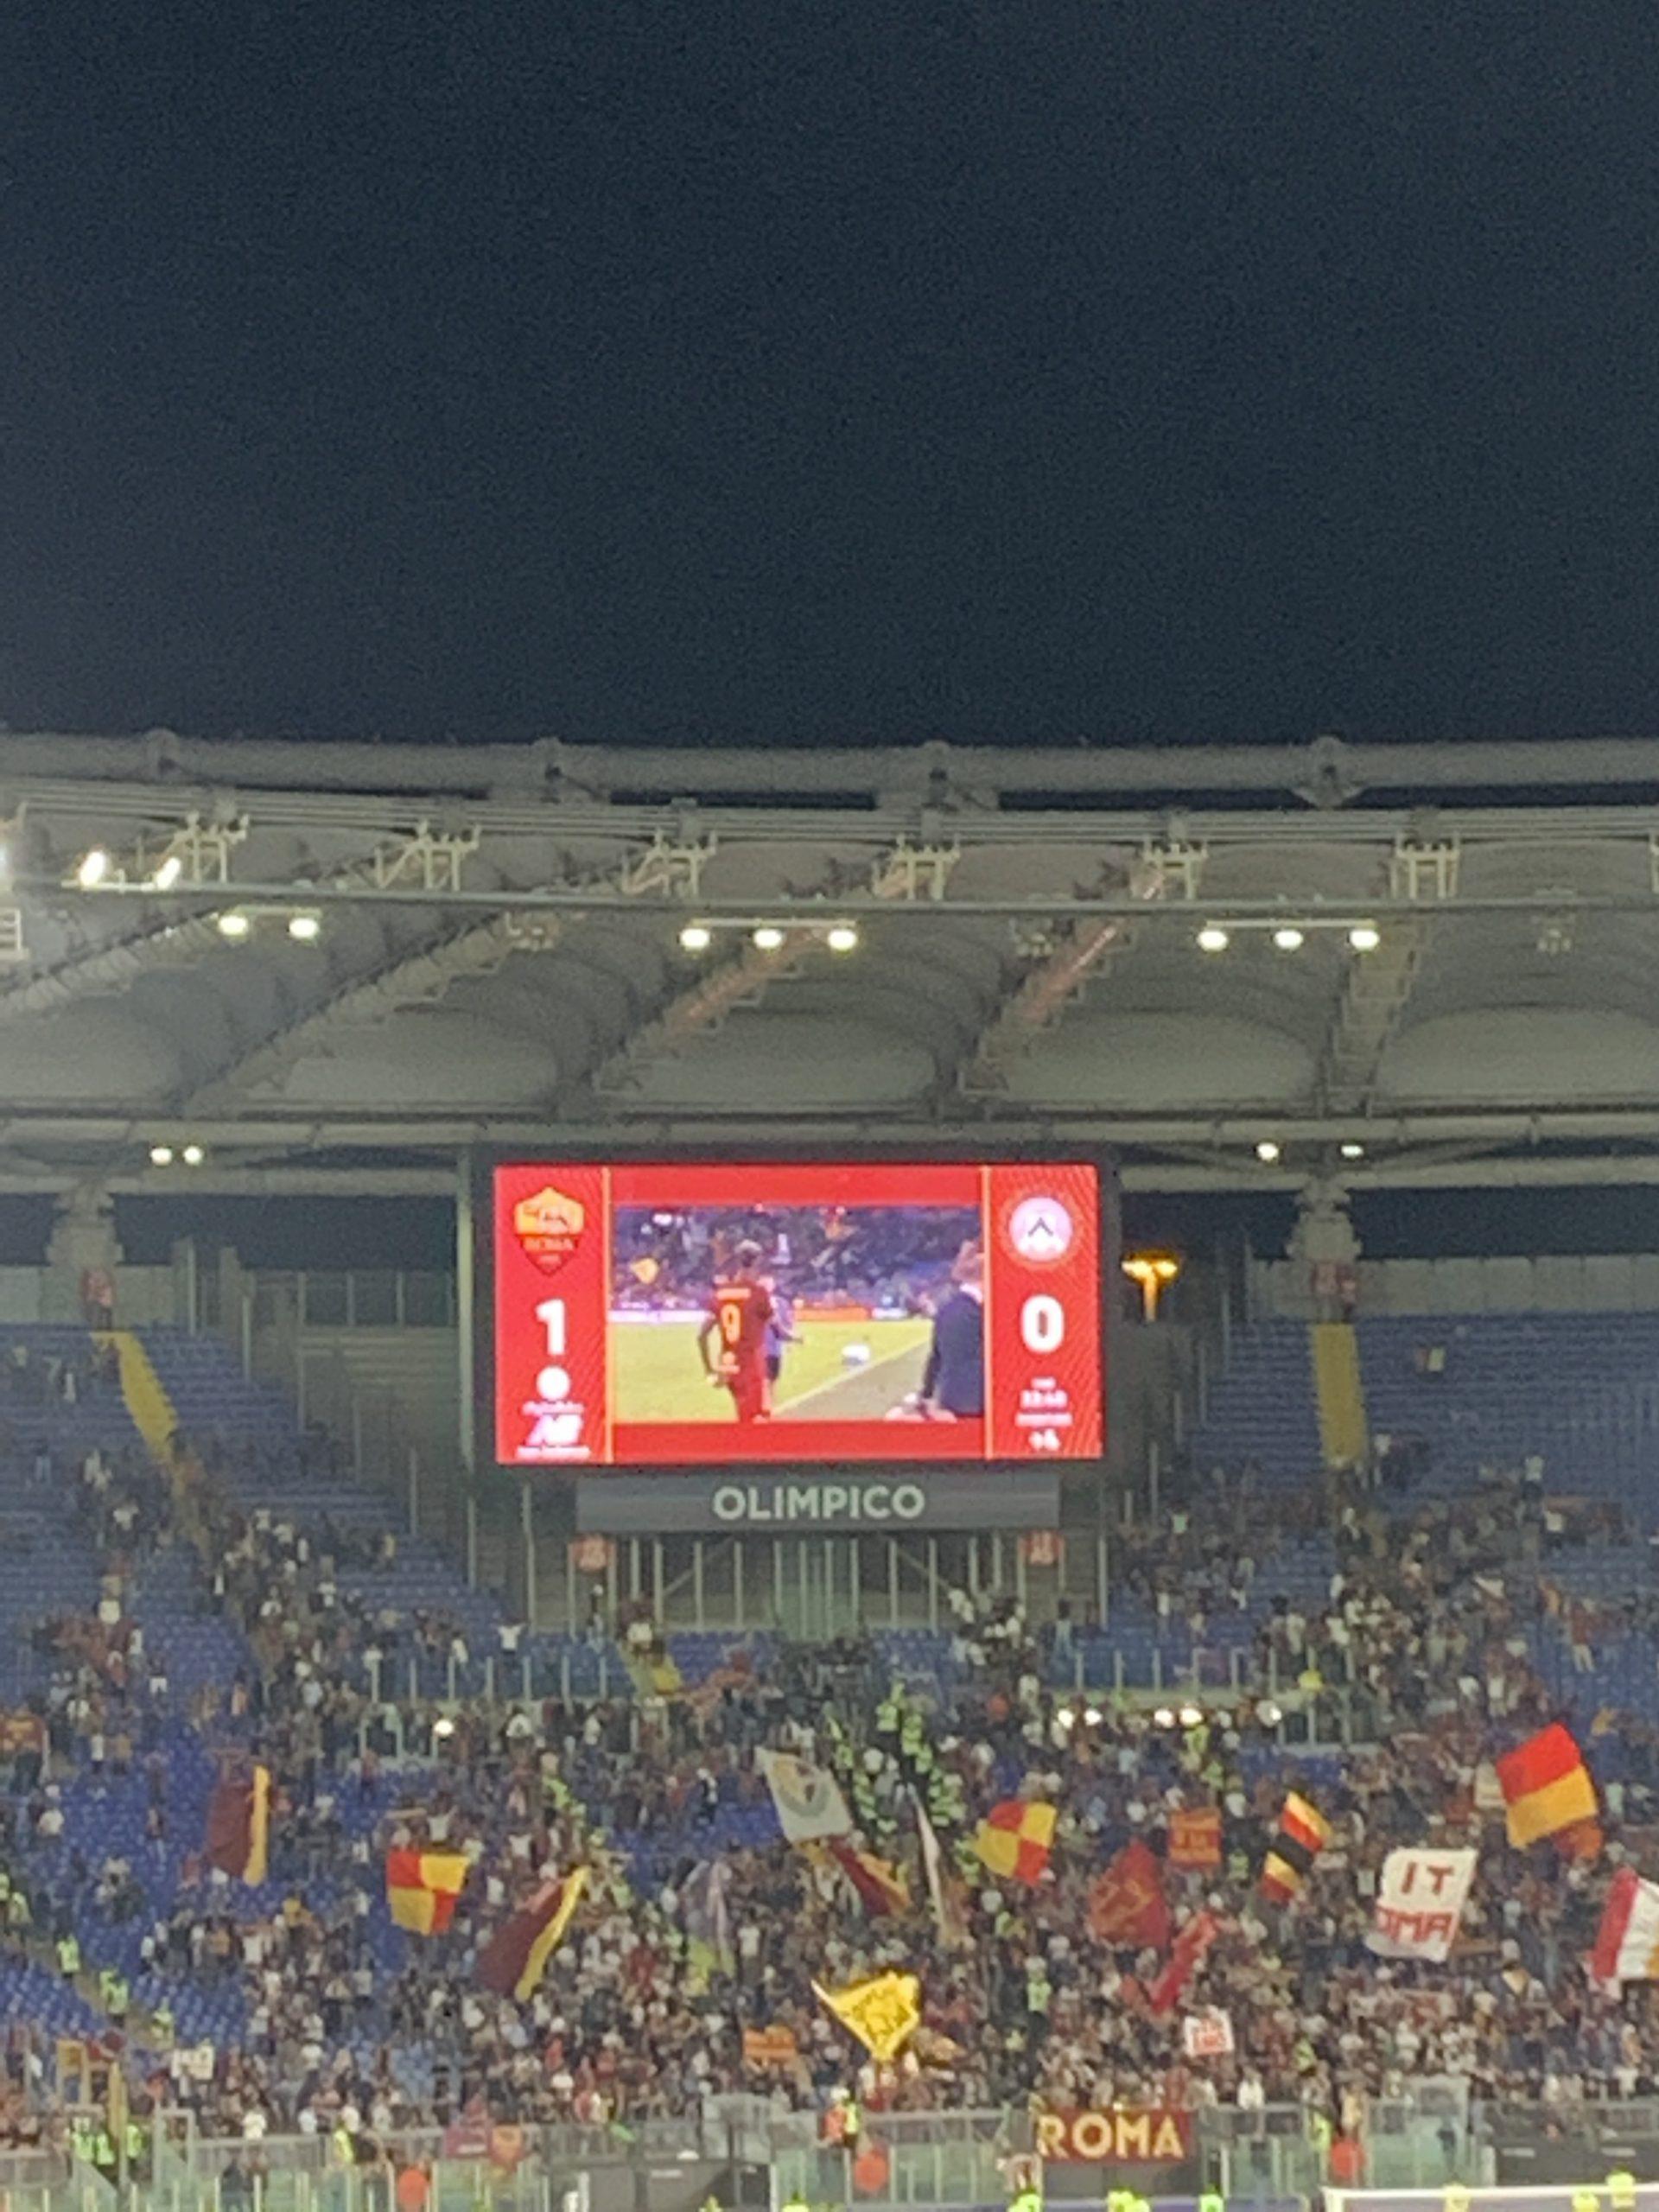 CRONACA ROMA-UDINESE terminata con la vittoria di misura dei giallorossi.